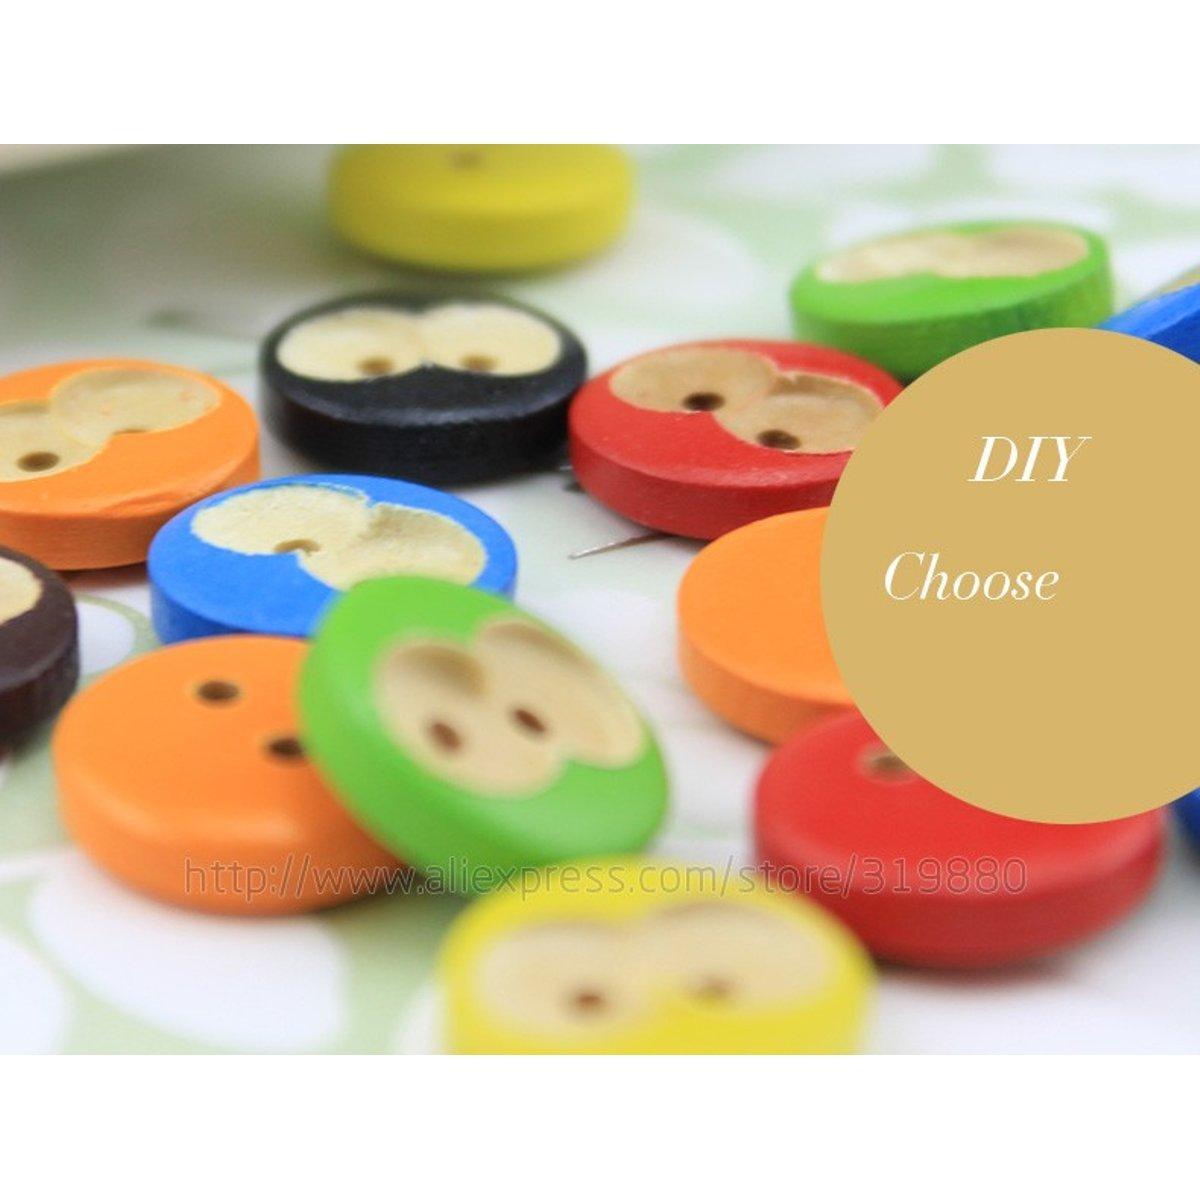 HDTTCX - Botones de madera para manualidades - Botones de madera para coser - 50 piezas de botón de dibujos animados de mono, impresión de 2 agujeros ...